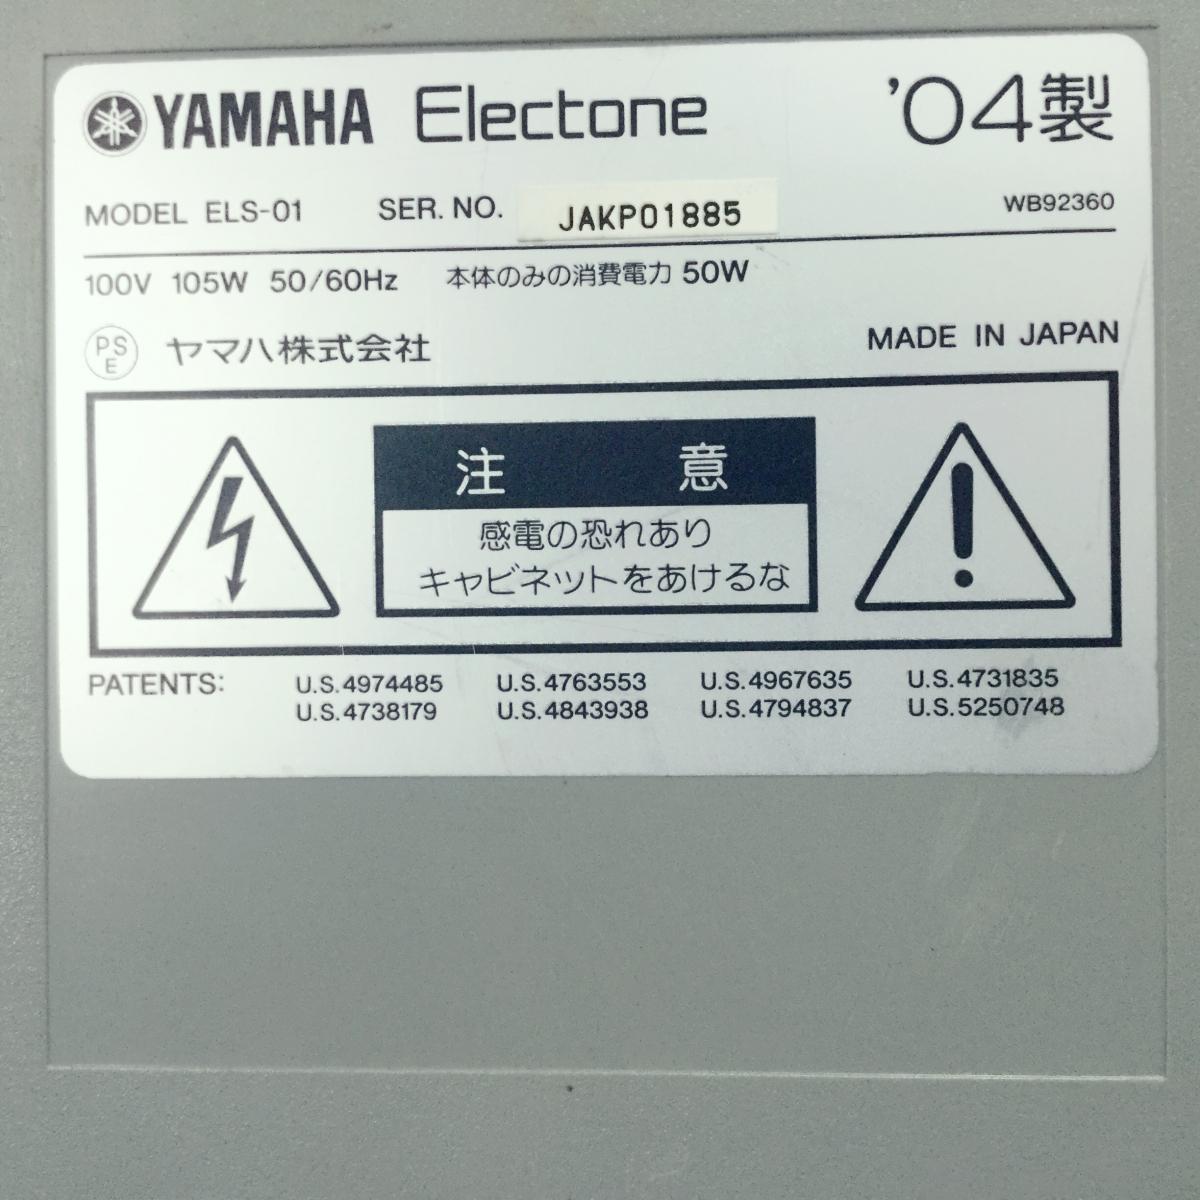 ☆ YAMAHA ヤマハ ELS-01 STAGEA ステージア エレクトーン 鍵盤 電子オルガン 楽器 演奏 キーボード 2004年製 現状品 ☆_画像9